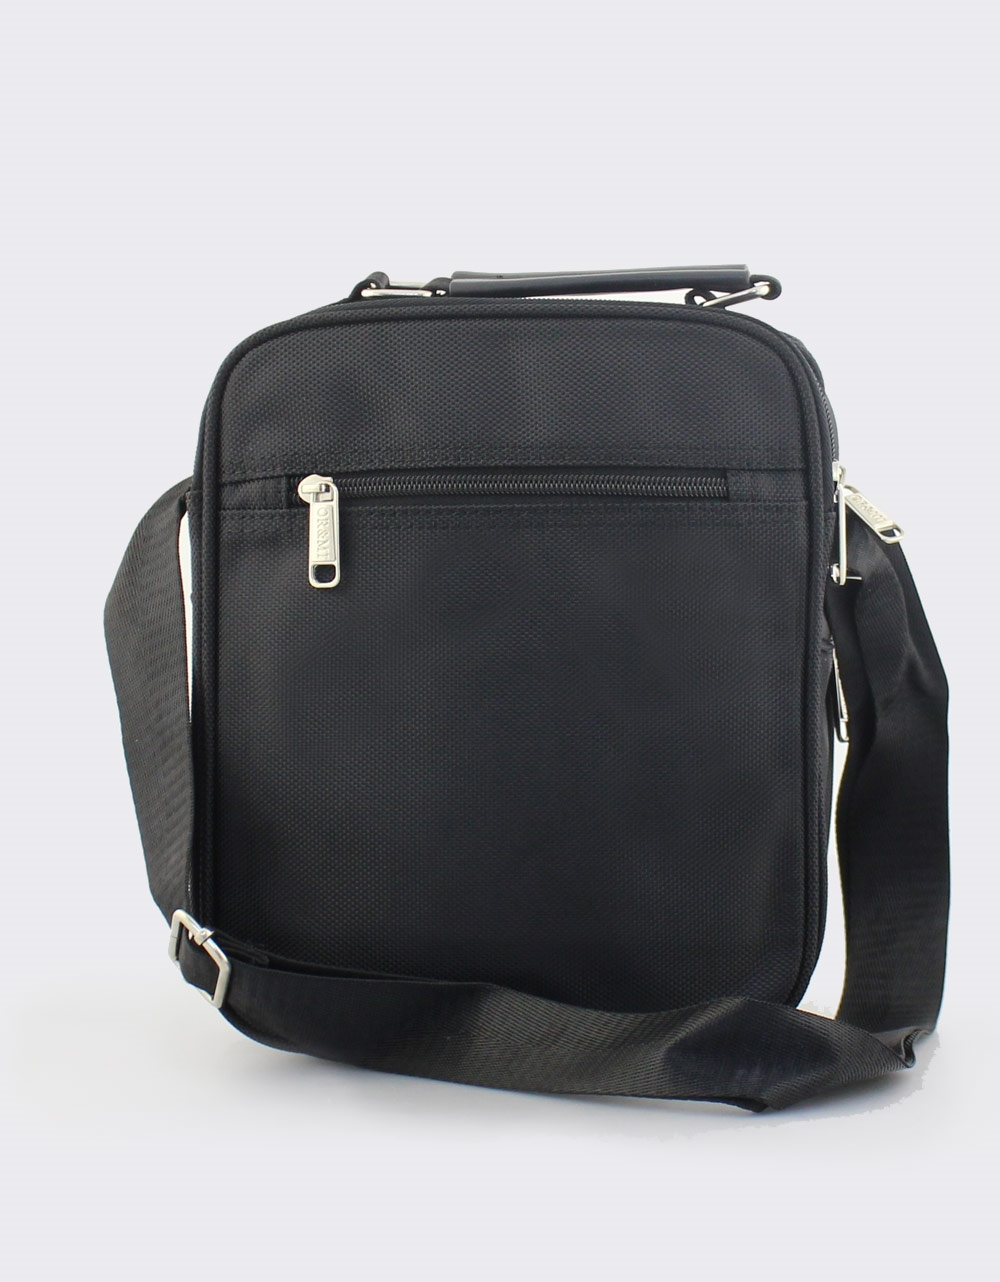 Εικόνα από Ανδρικές τσάντες ώμου με χειρολαβή Μαύρο